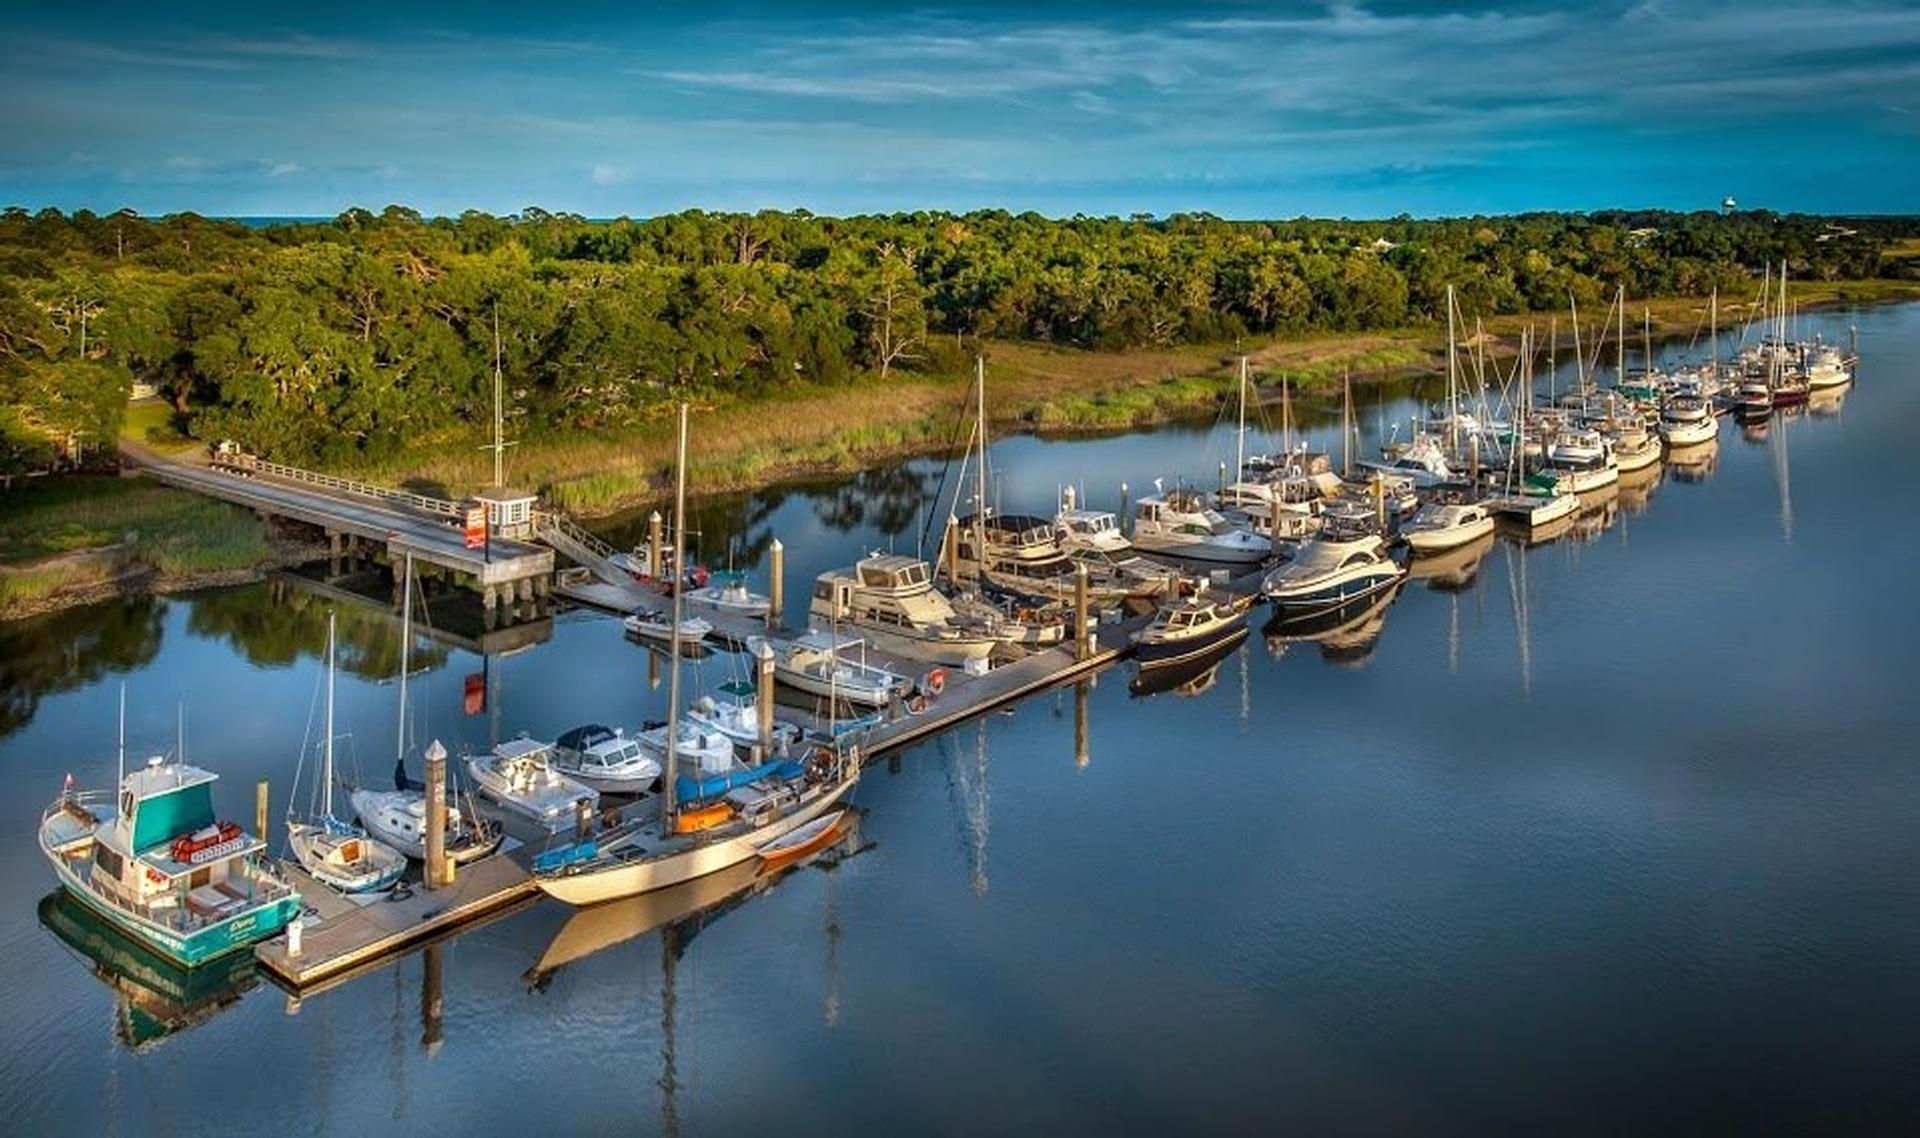 Jekyll_Harbor_Marina-8950.jpg